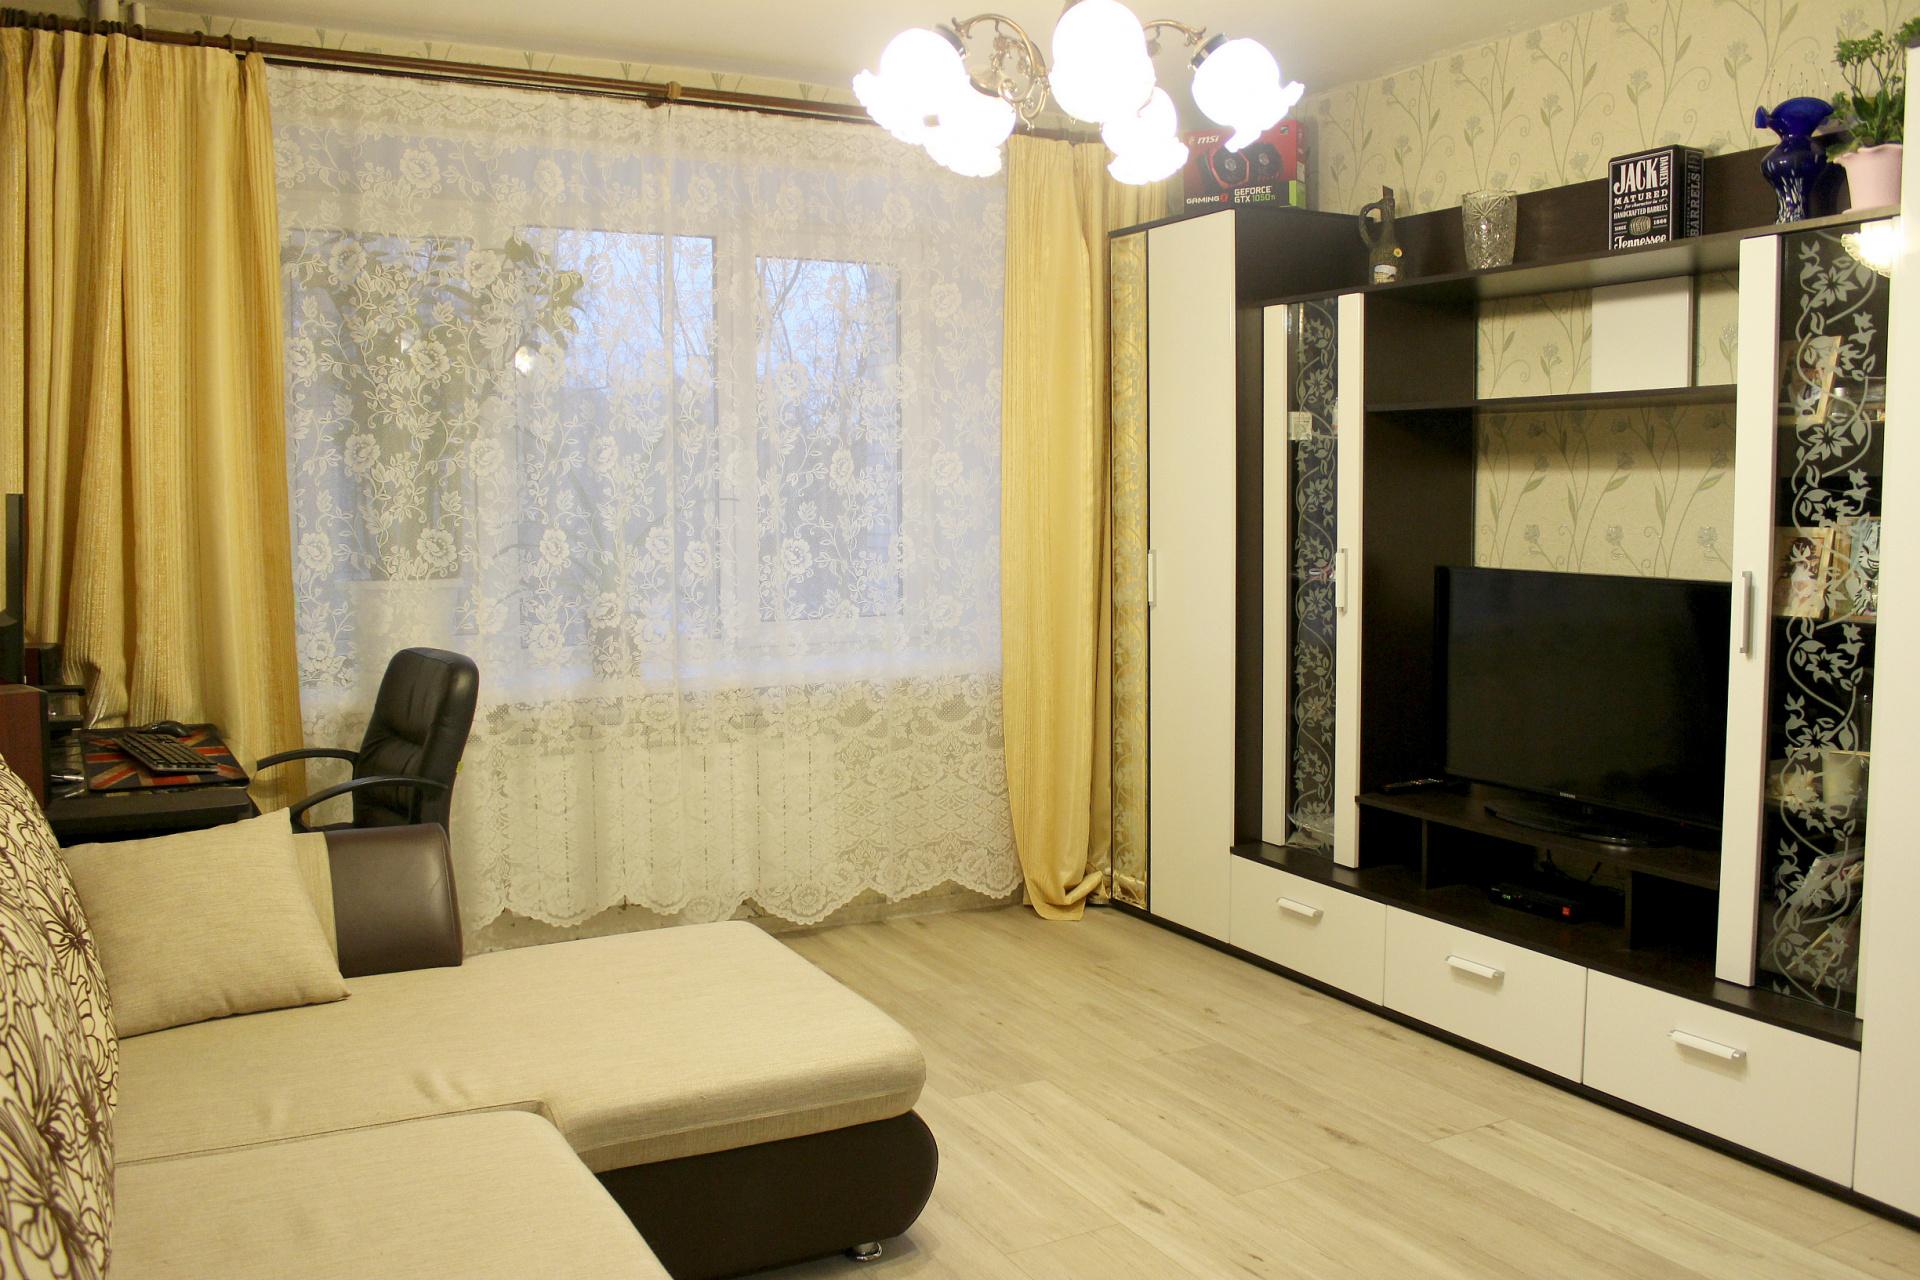 Продажа 1-комнатной квартиры Исполкома ул., 9, Нижний Новгород